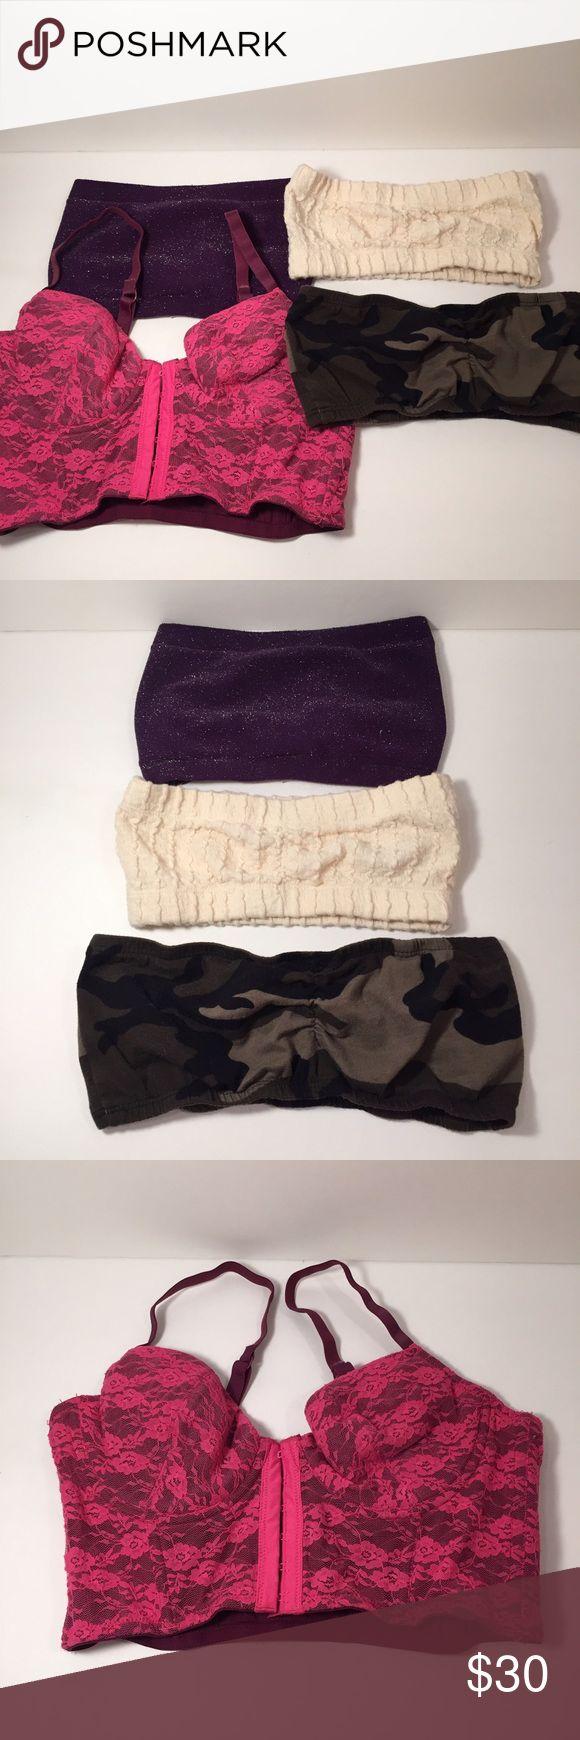 Bandeau Bundle of 4 Purple Sparkly Bandeau (one size fits all), Corset Bandeau (medium), Cream Knit Bandeau (medium), Army Print Bandeau (Medium) Tops